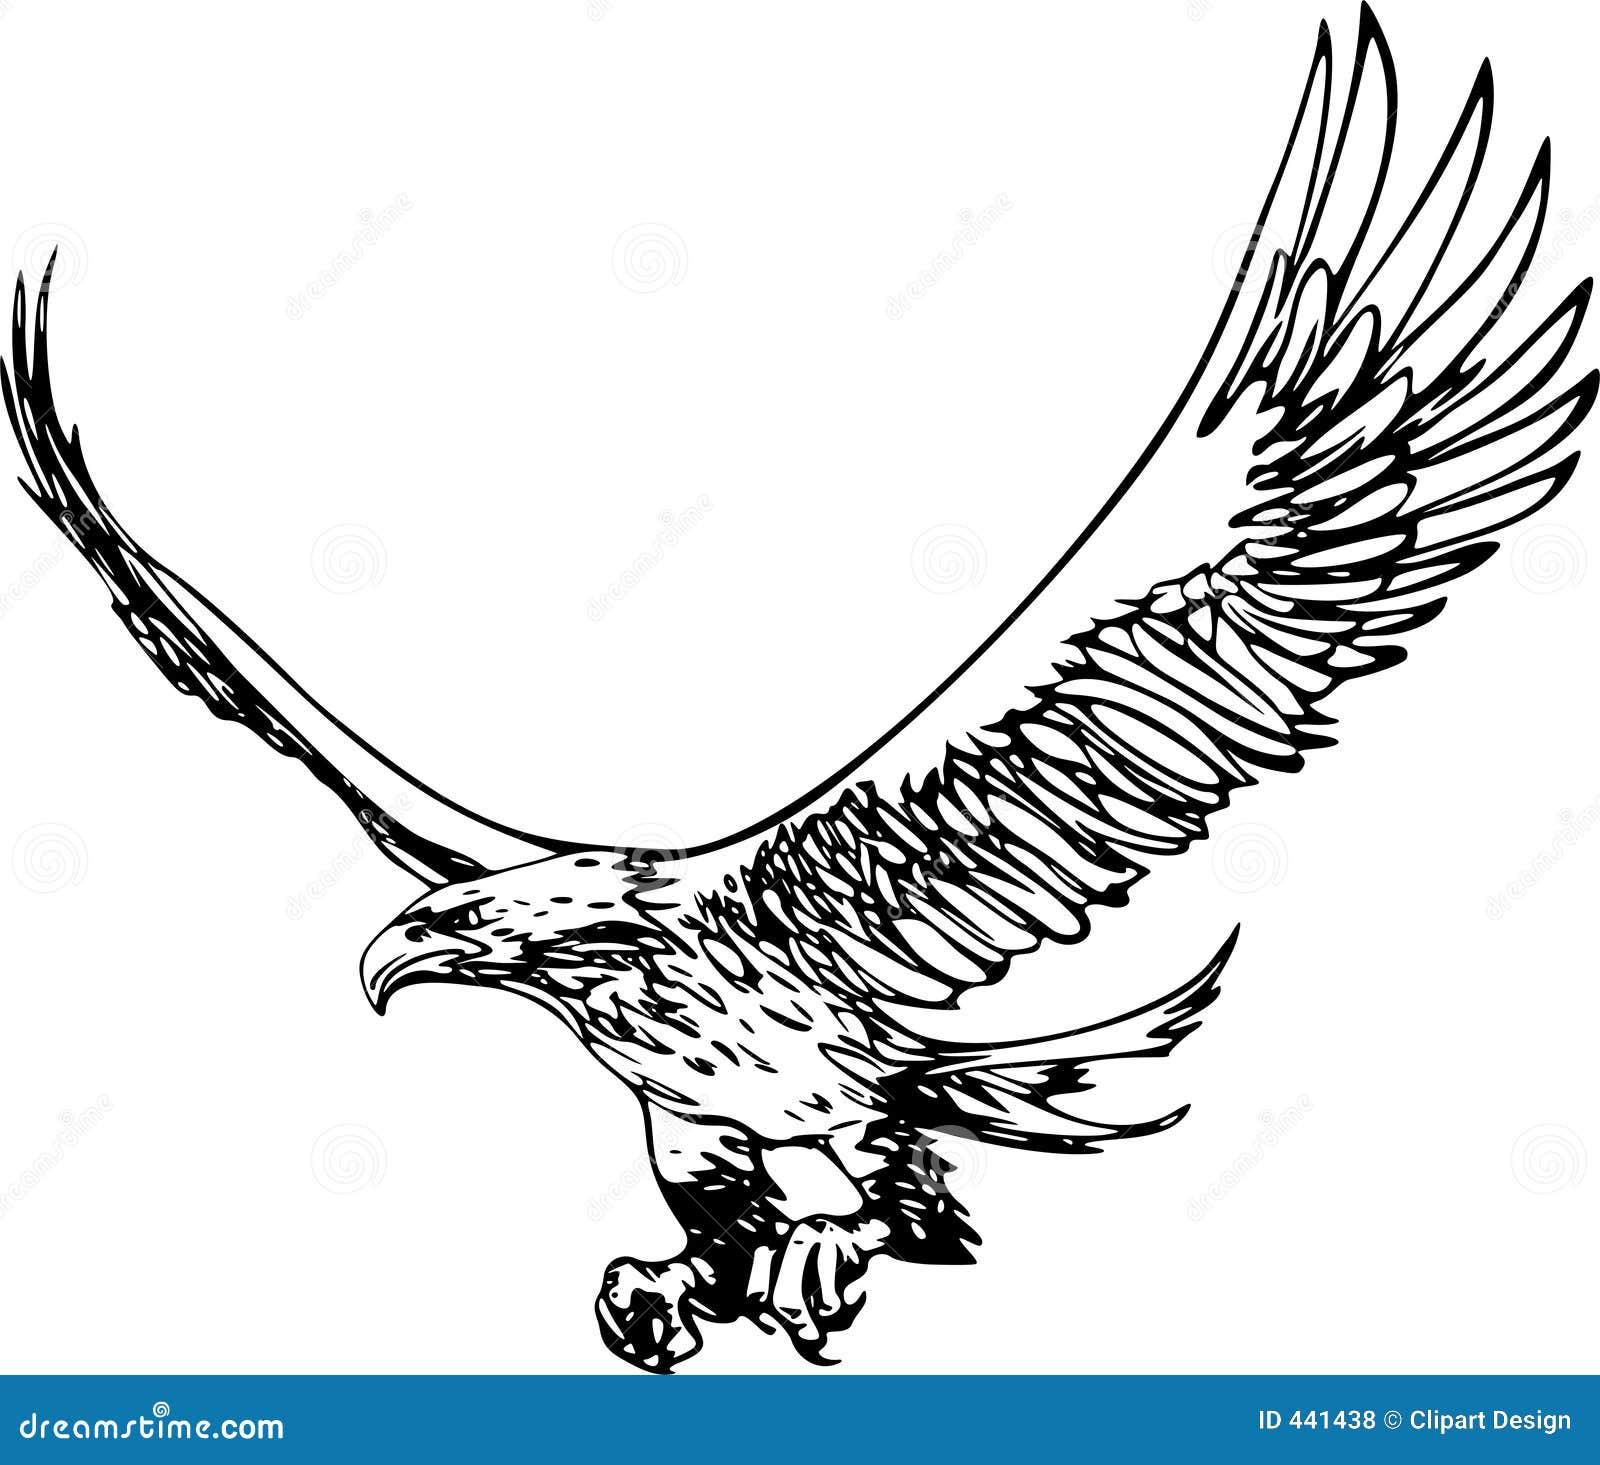 flying eagle stock illustration illustration of hunt flying 441438